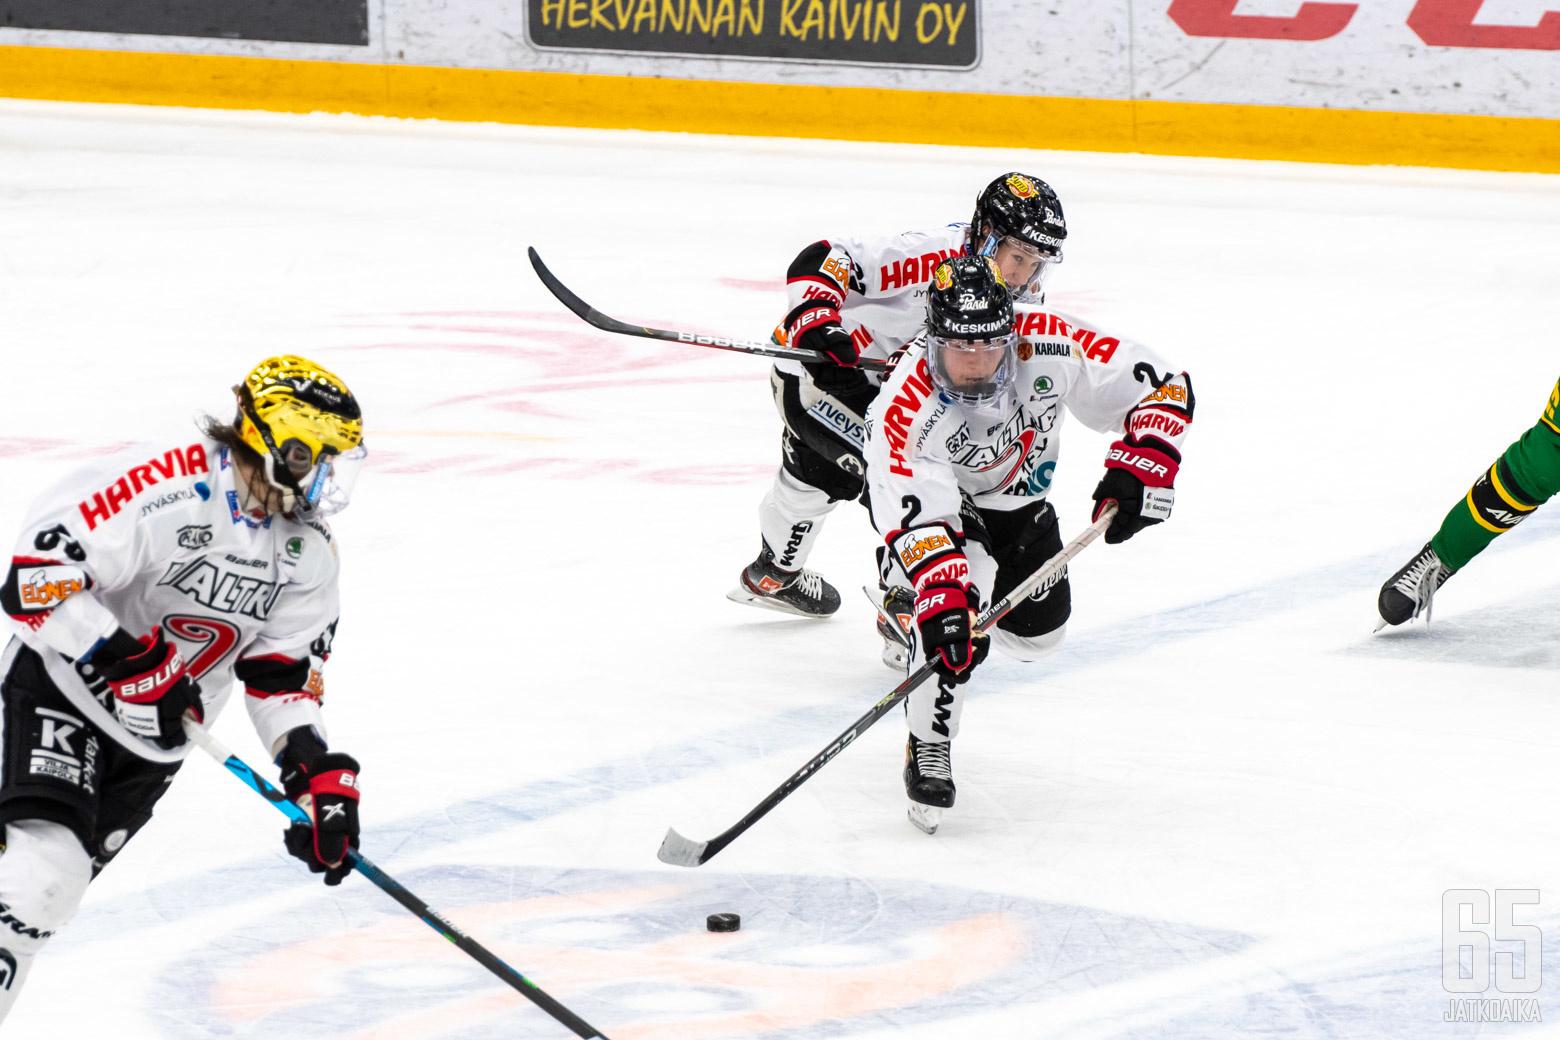 Robert Rooba (vas.) ja Valtteri Kakkonen eivät kuuluneet pöytäkirjan mukaan samaan ketjuun, mutta se ei estänyt peliä kulkemasta.